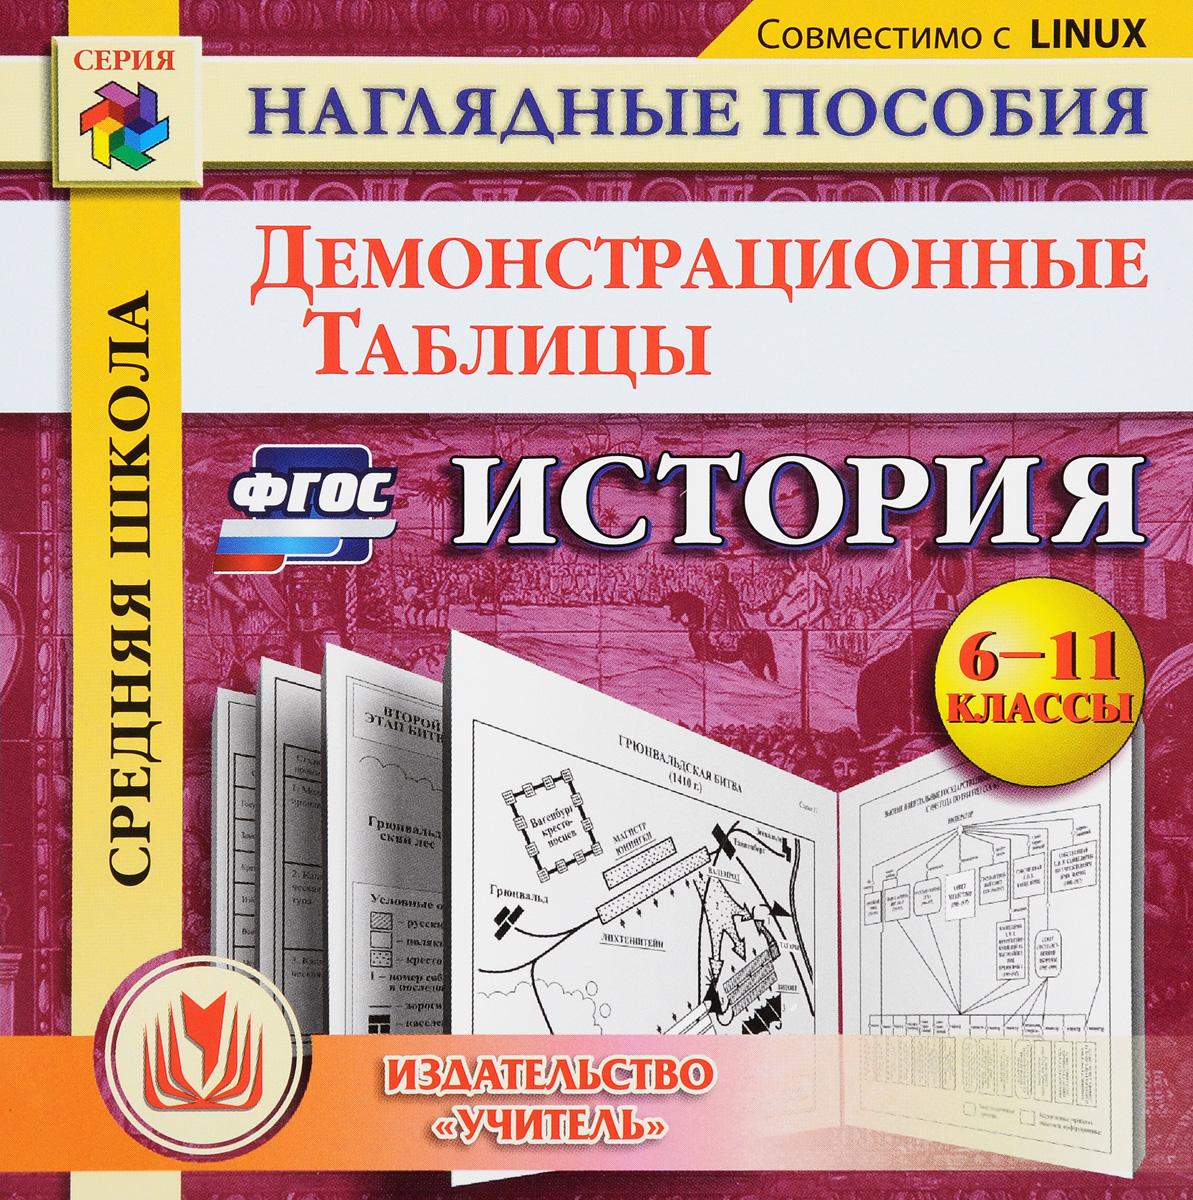 История. 6-11 классы. Демонстрационные таблицы